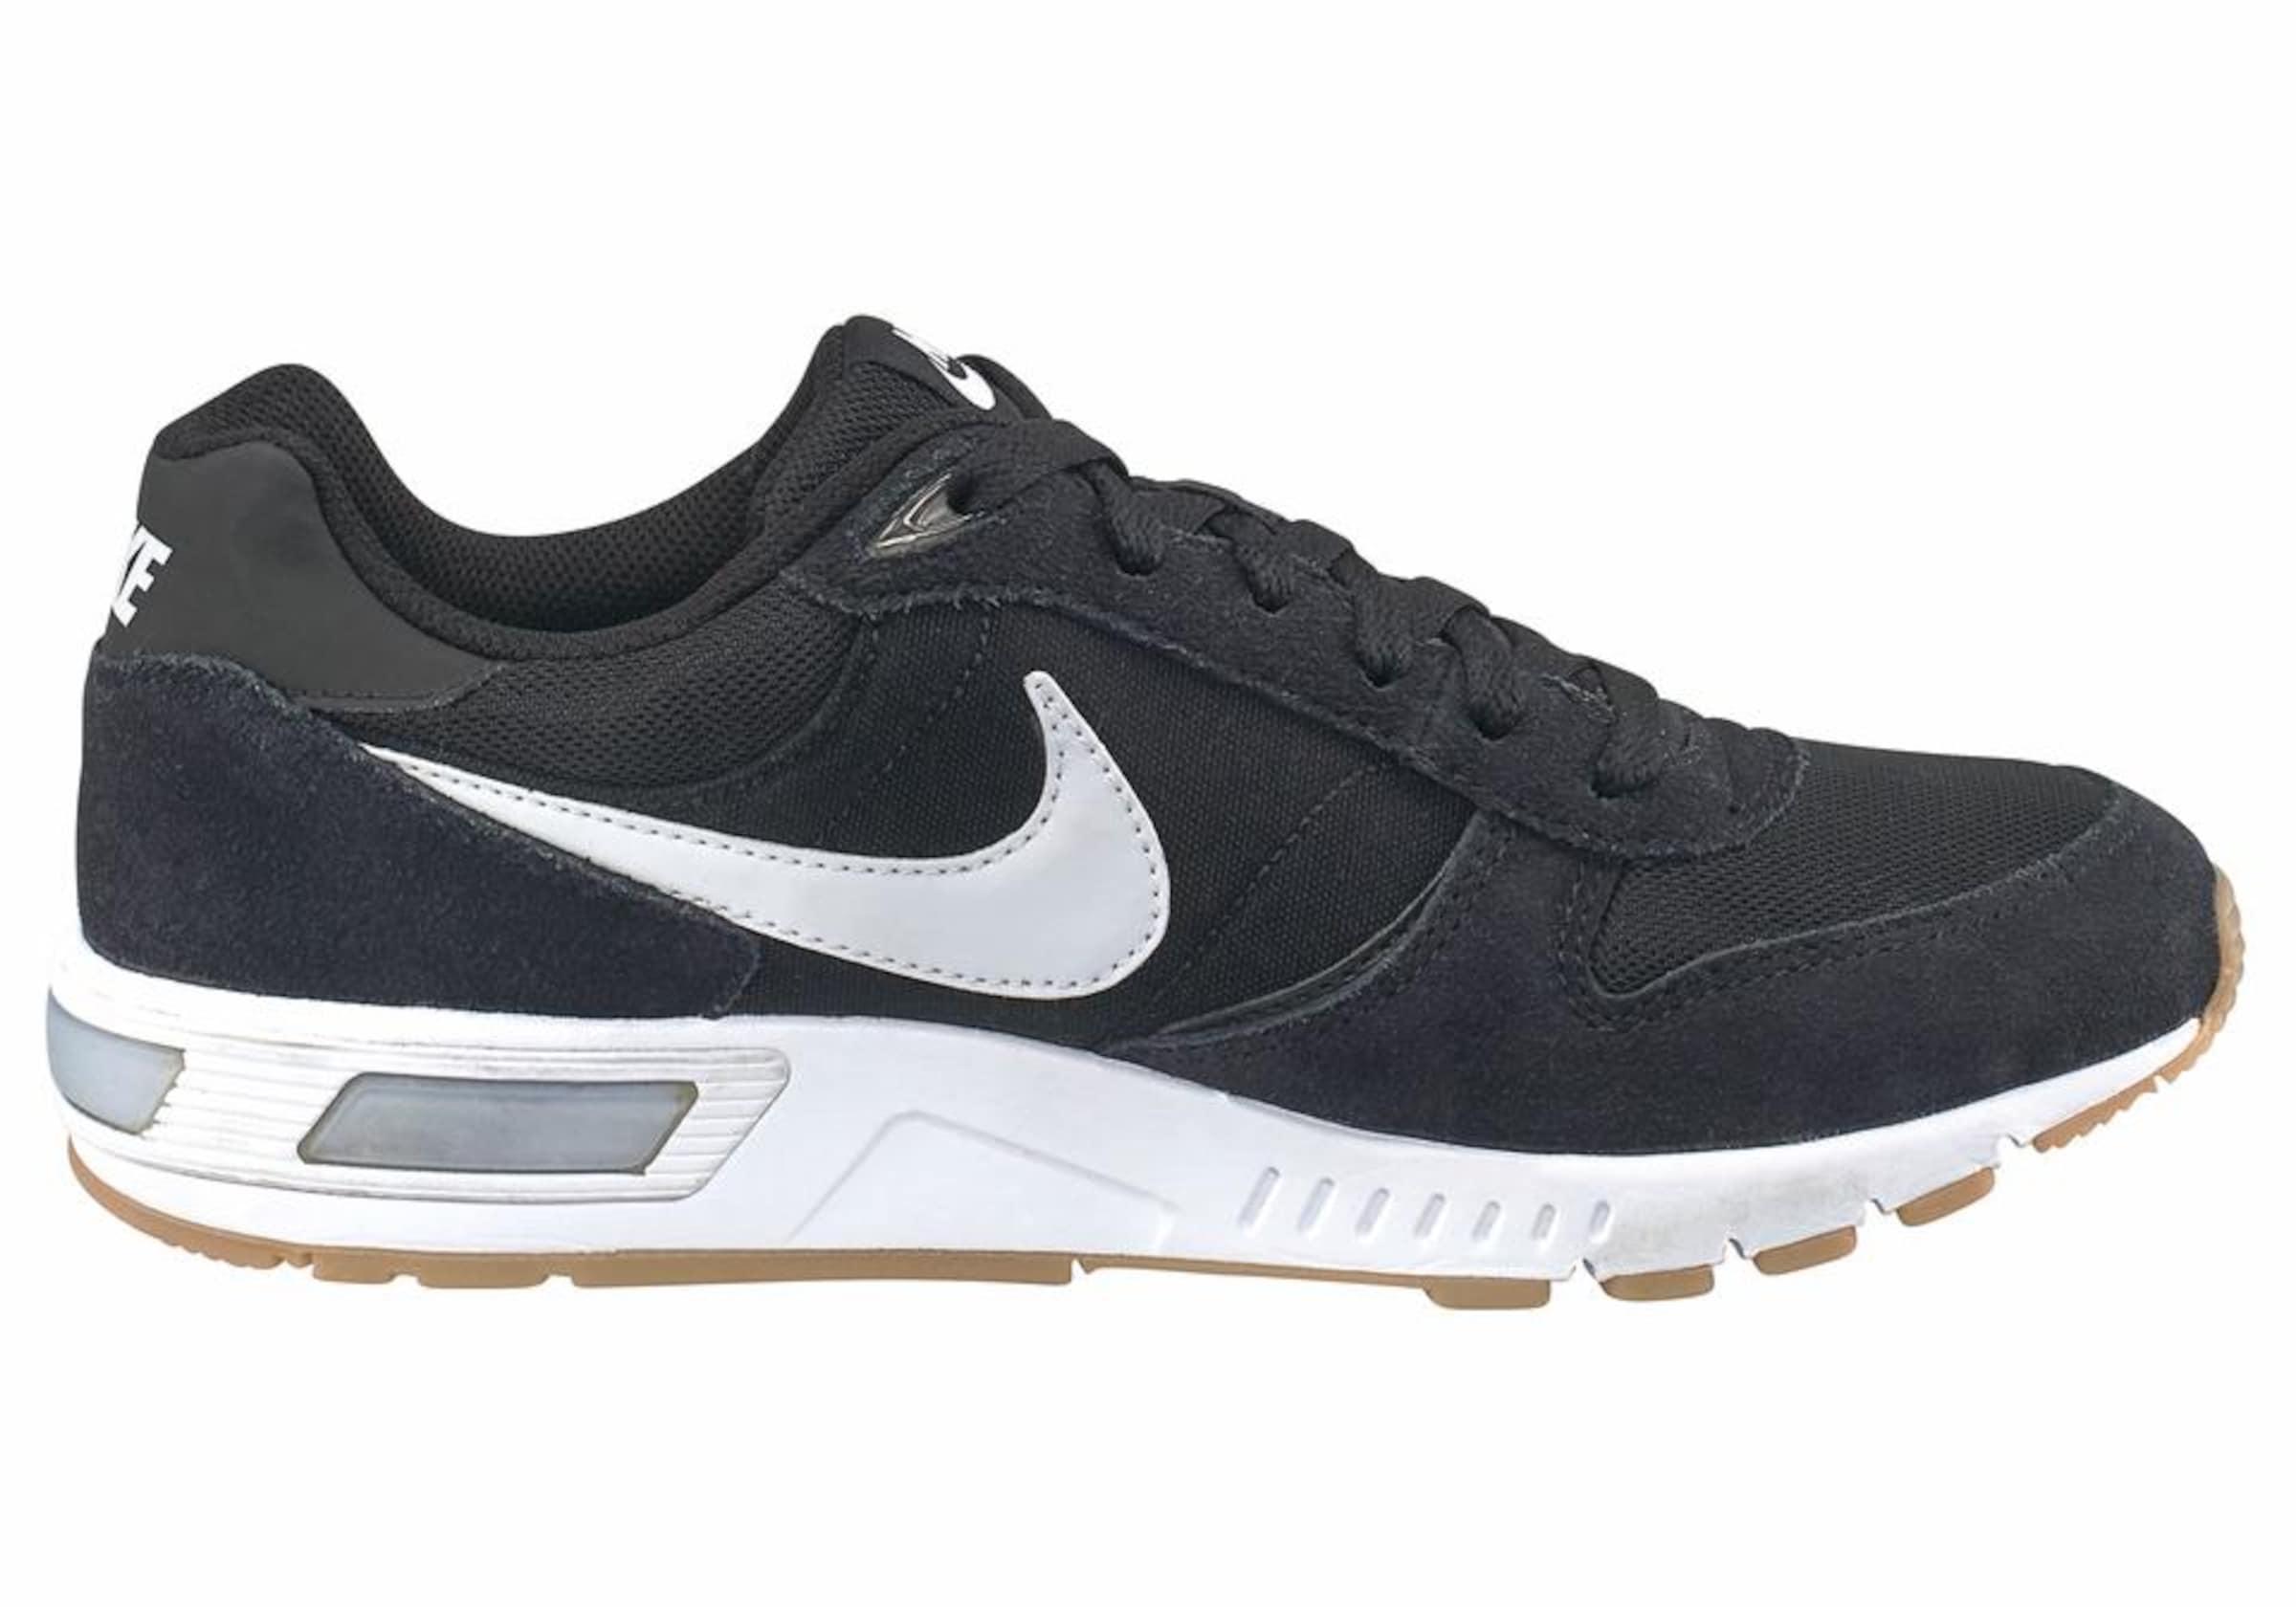 'nightgazer' In SchwarzWeiß Nike Sportswear Sneaker wONnk8X0P